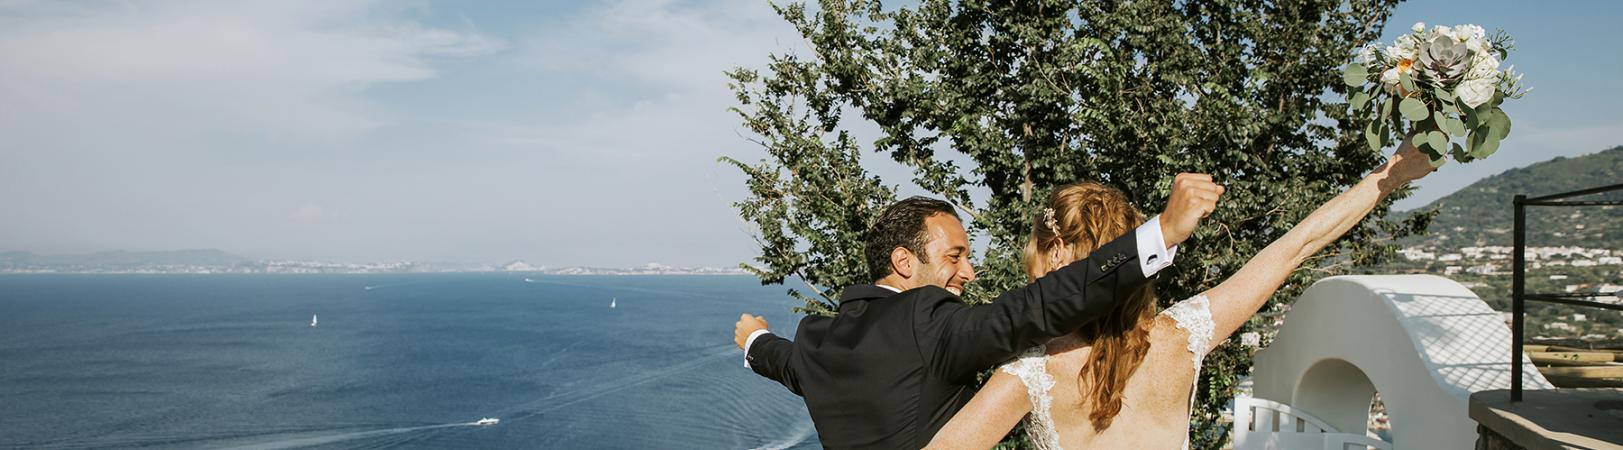 Weddings in Ischia